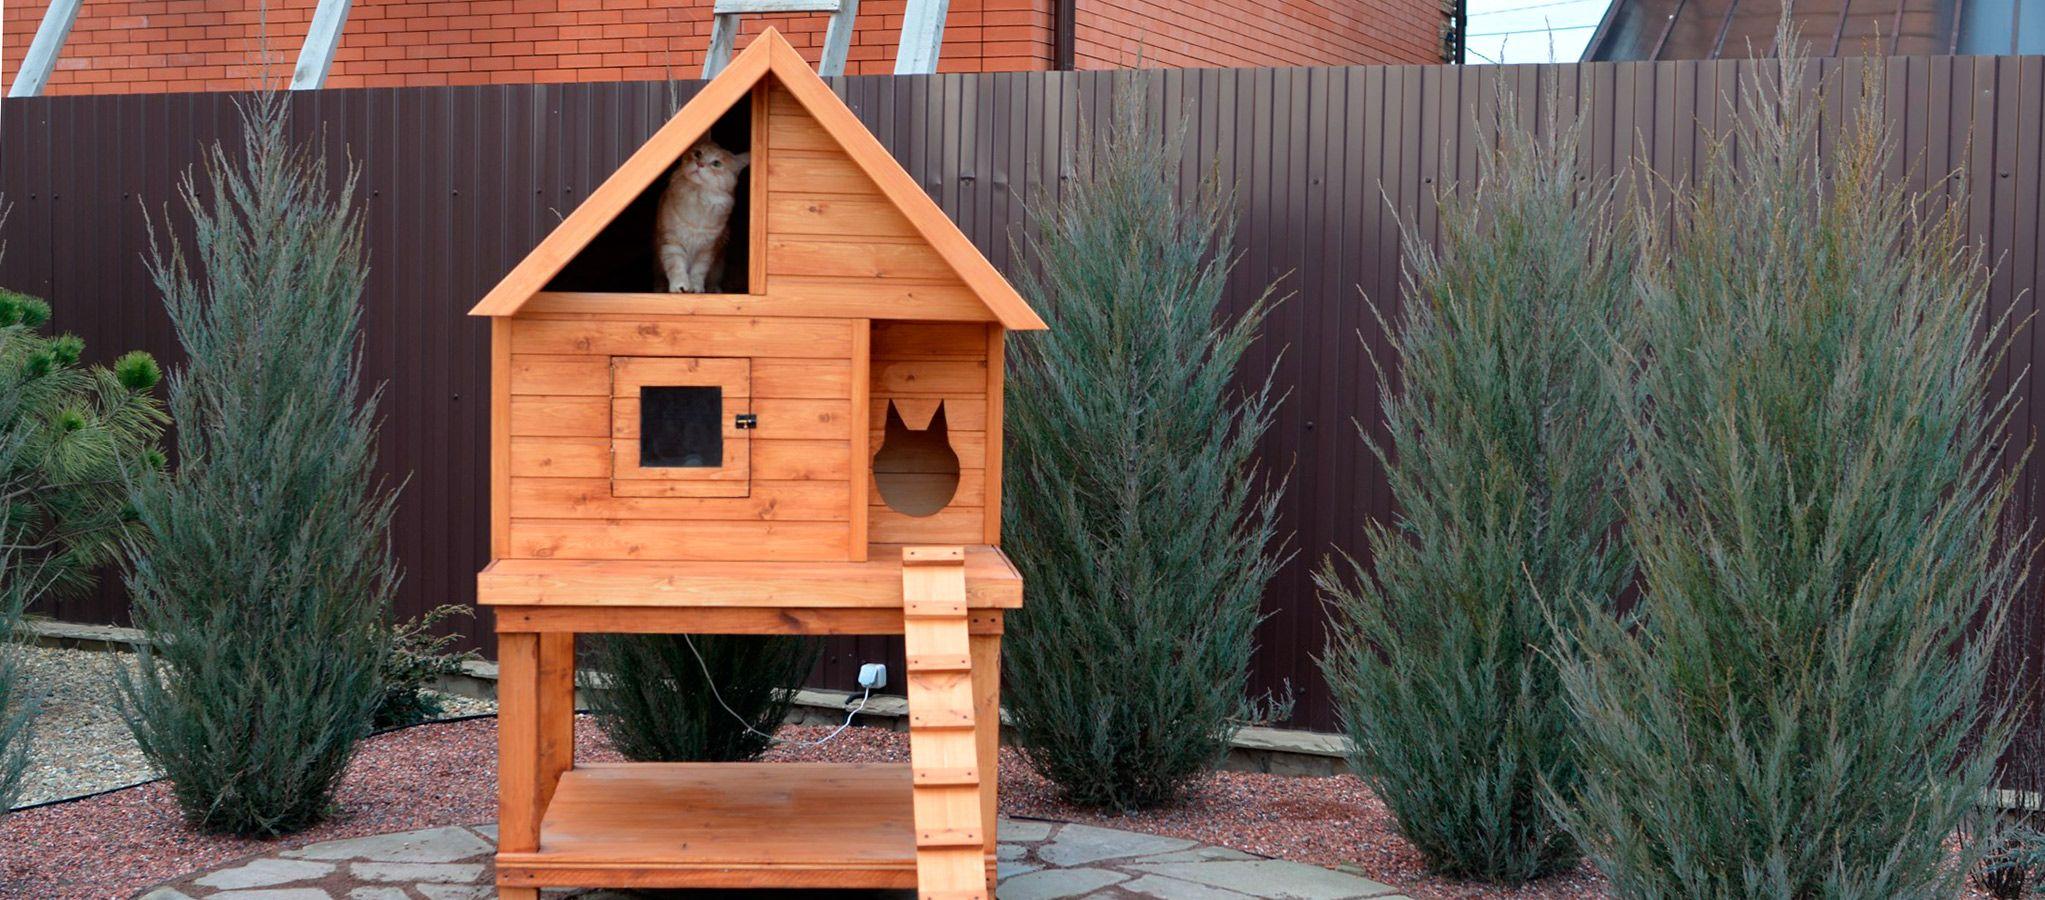 Зимний домик для кошки на улице - все про стройку